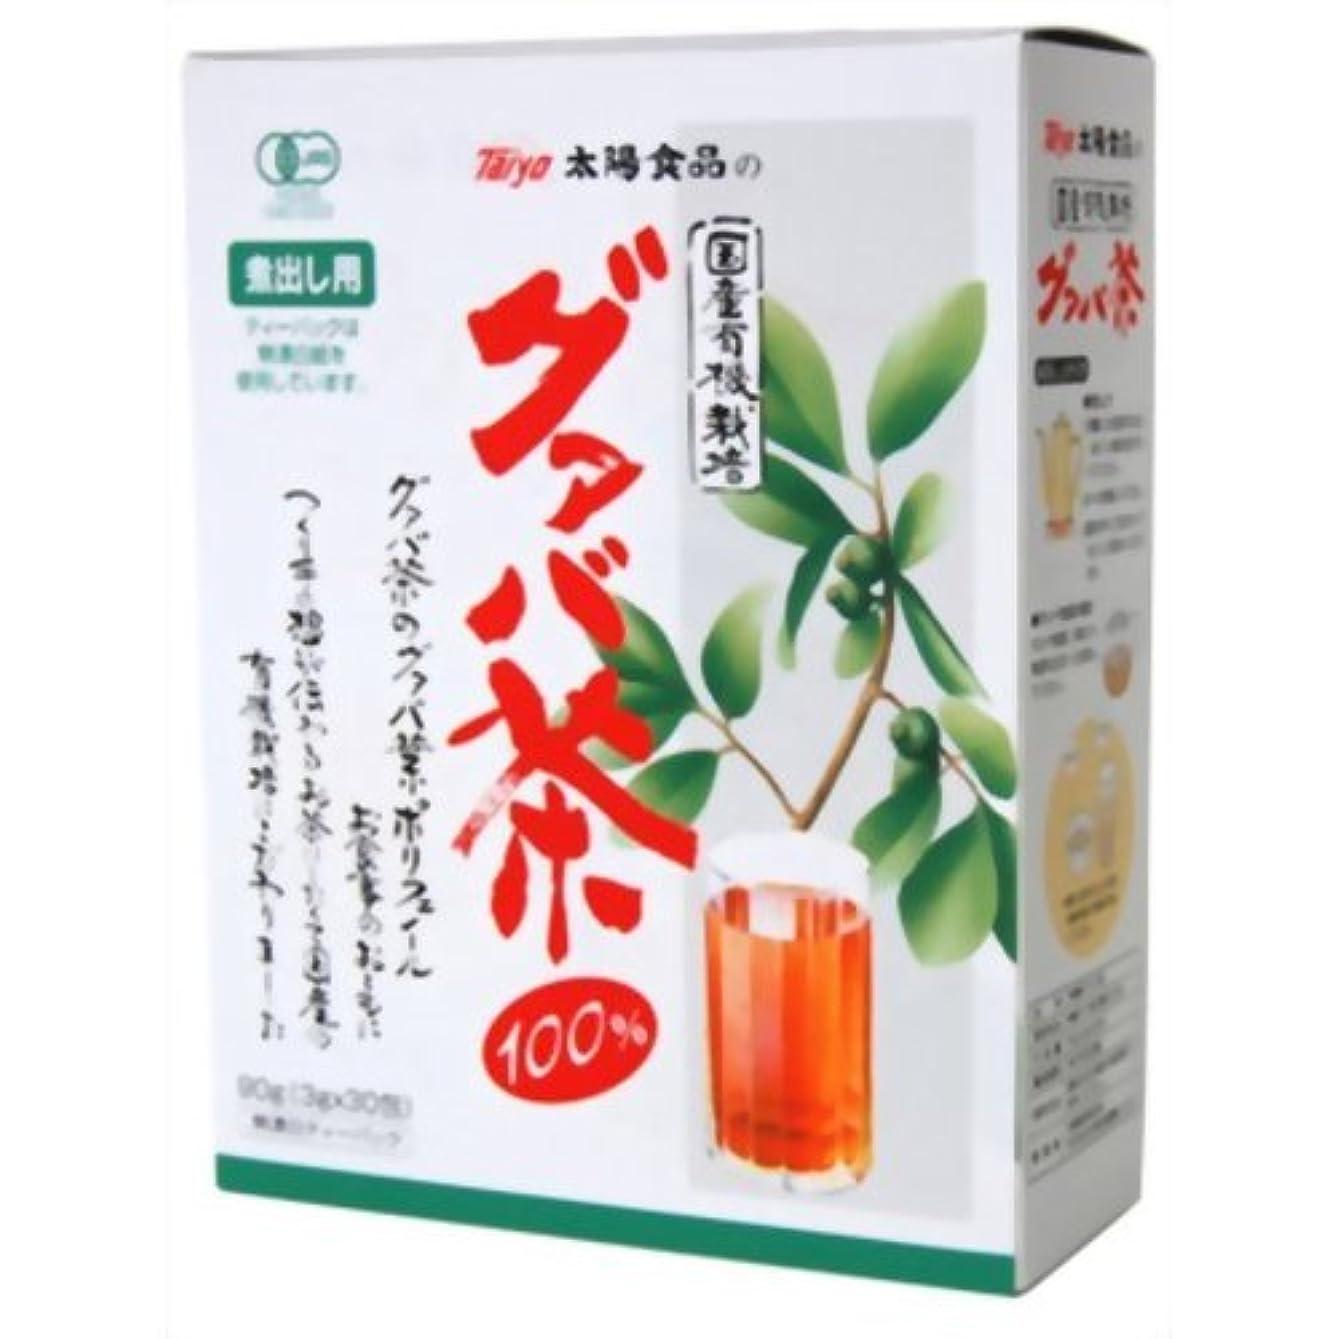 柔らかさ苦行することになっている国産有機栽培グアバ茶 3gX30包